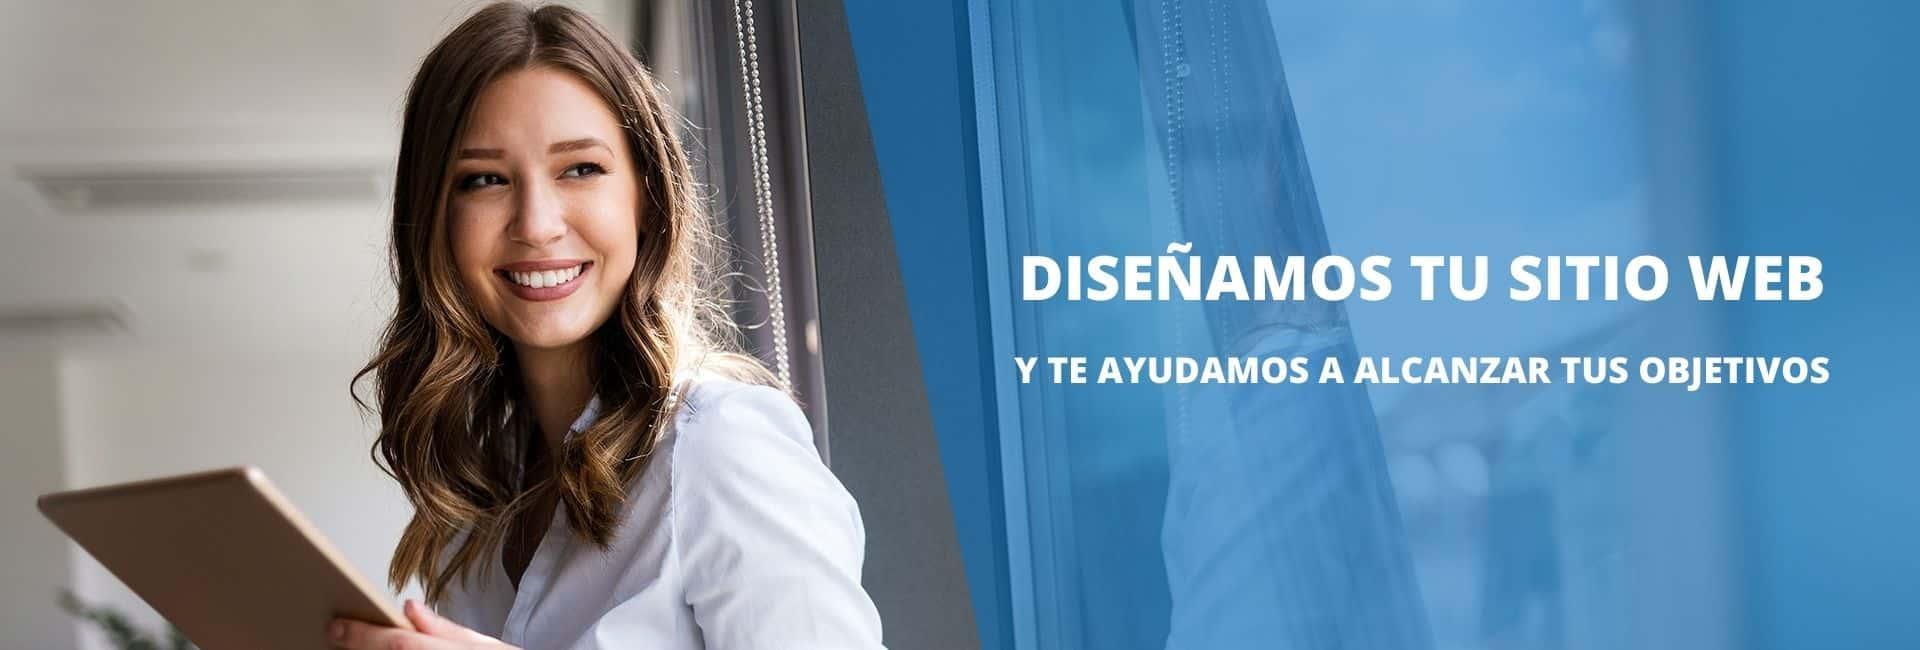 Diseño y Desarrollo Web en Murcia